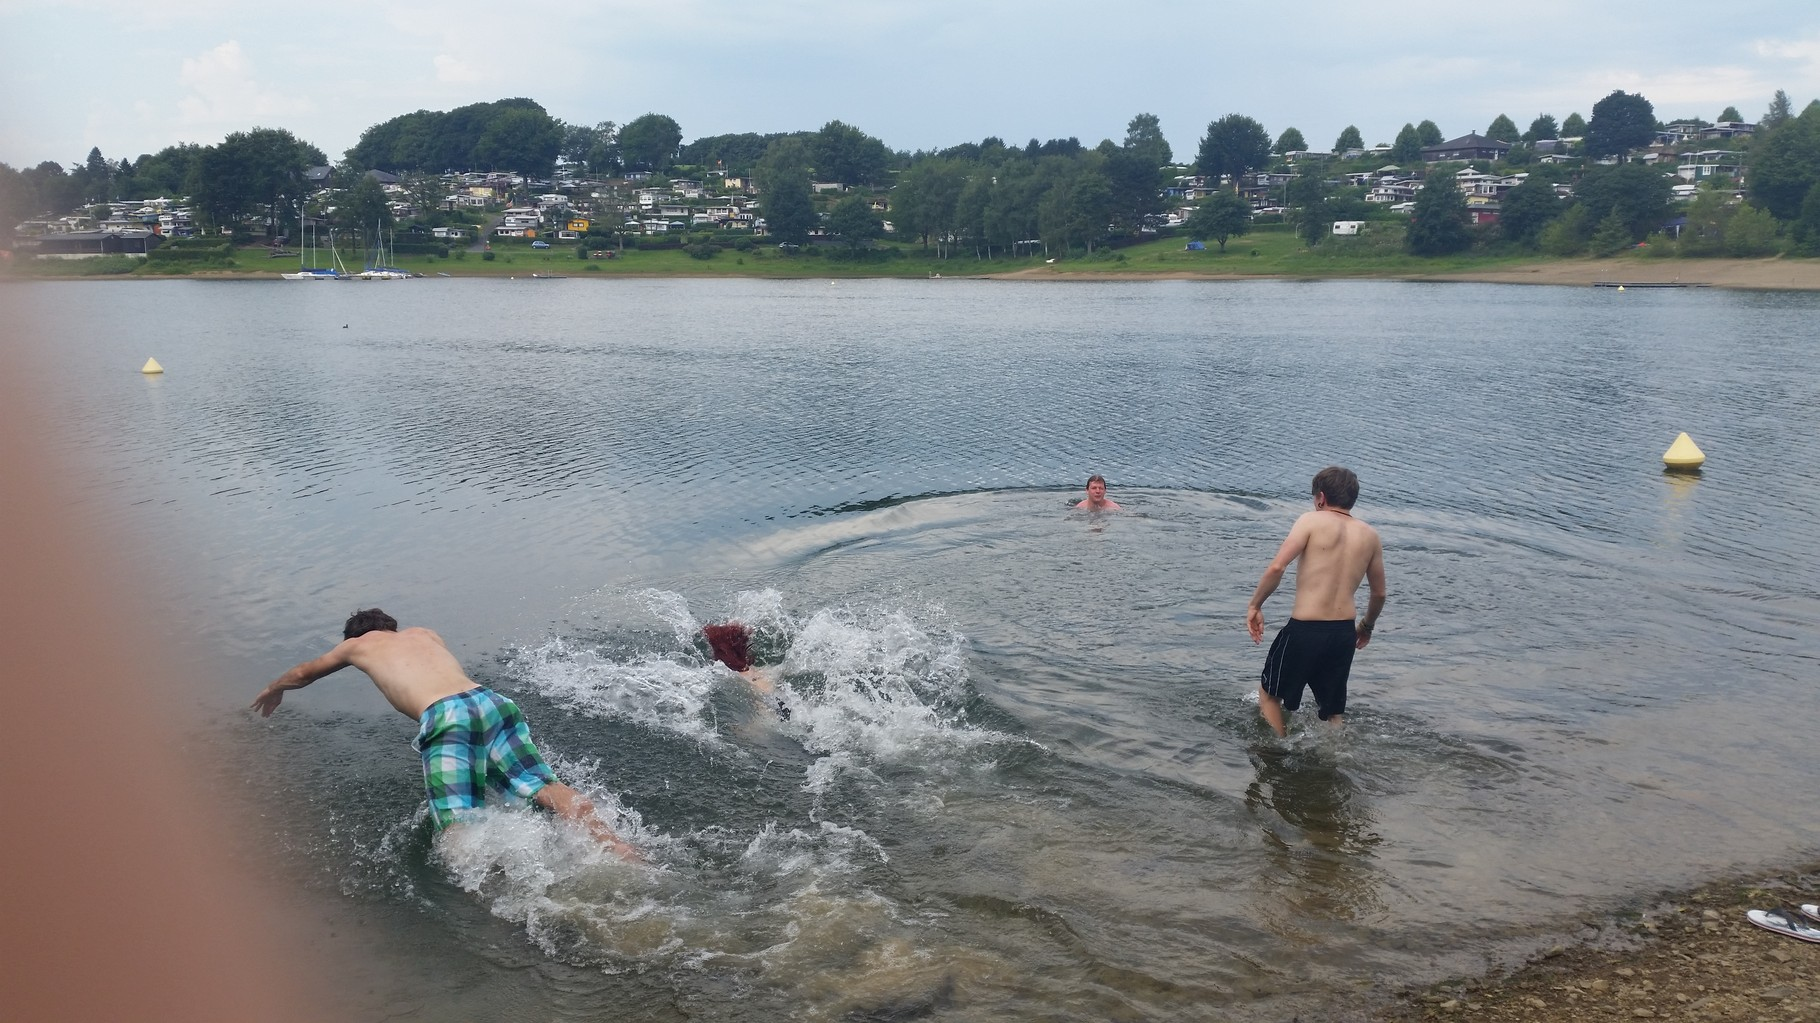 Nach einer kurzen Zeit des Inne haltens sprangen wir dann doch mutig ins Wasser :>